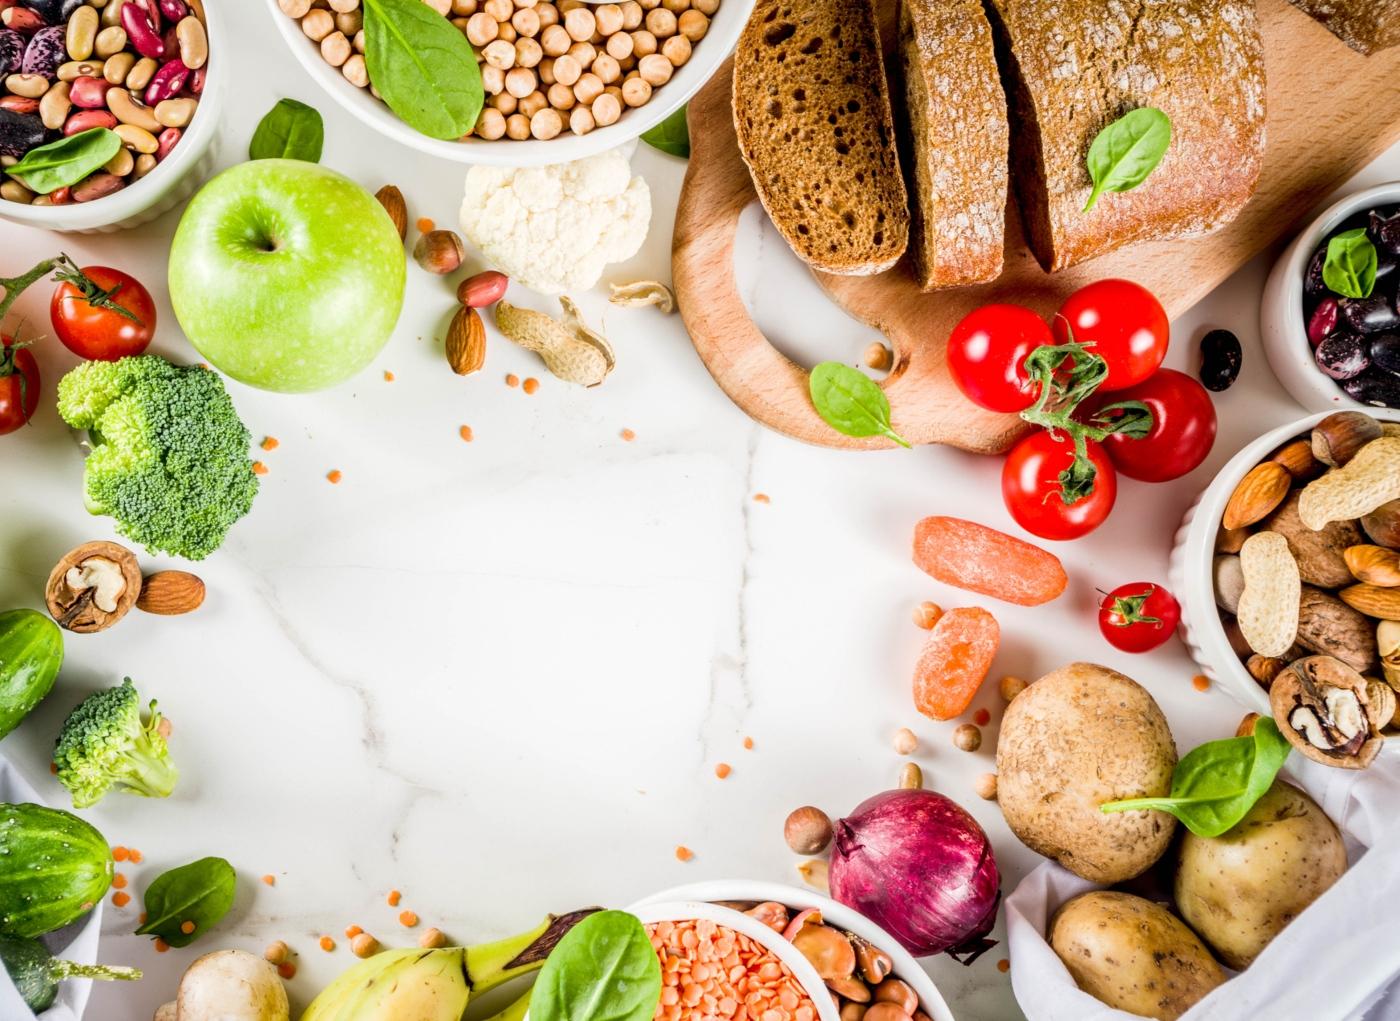 Cortar nos hidratos de carbono: alimentos ricos em fibras e hidratos